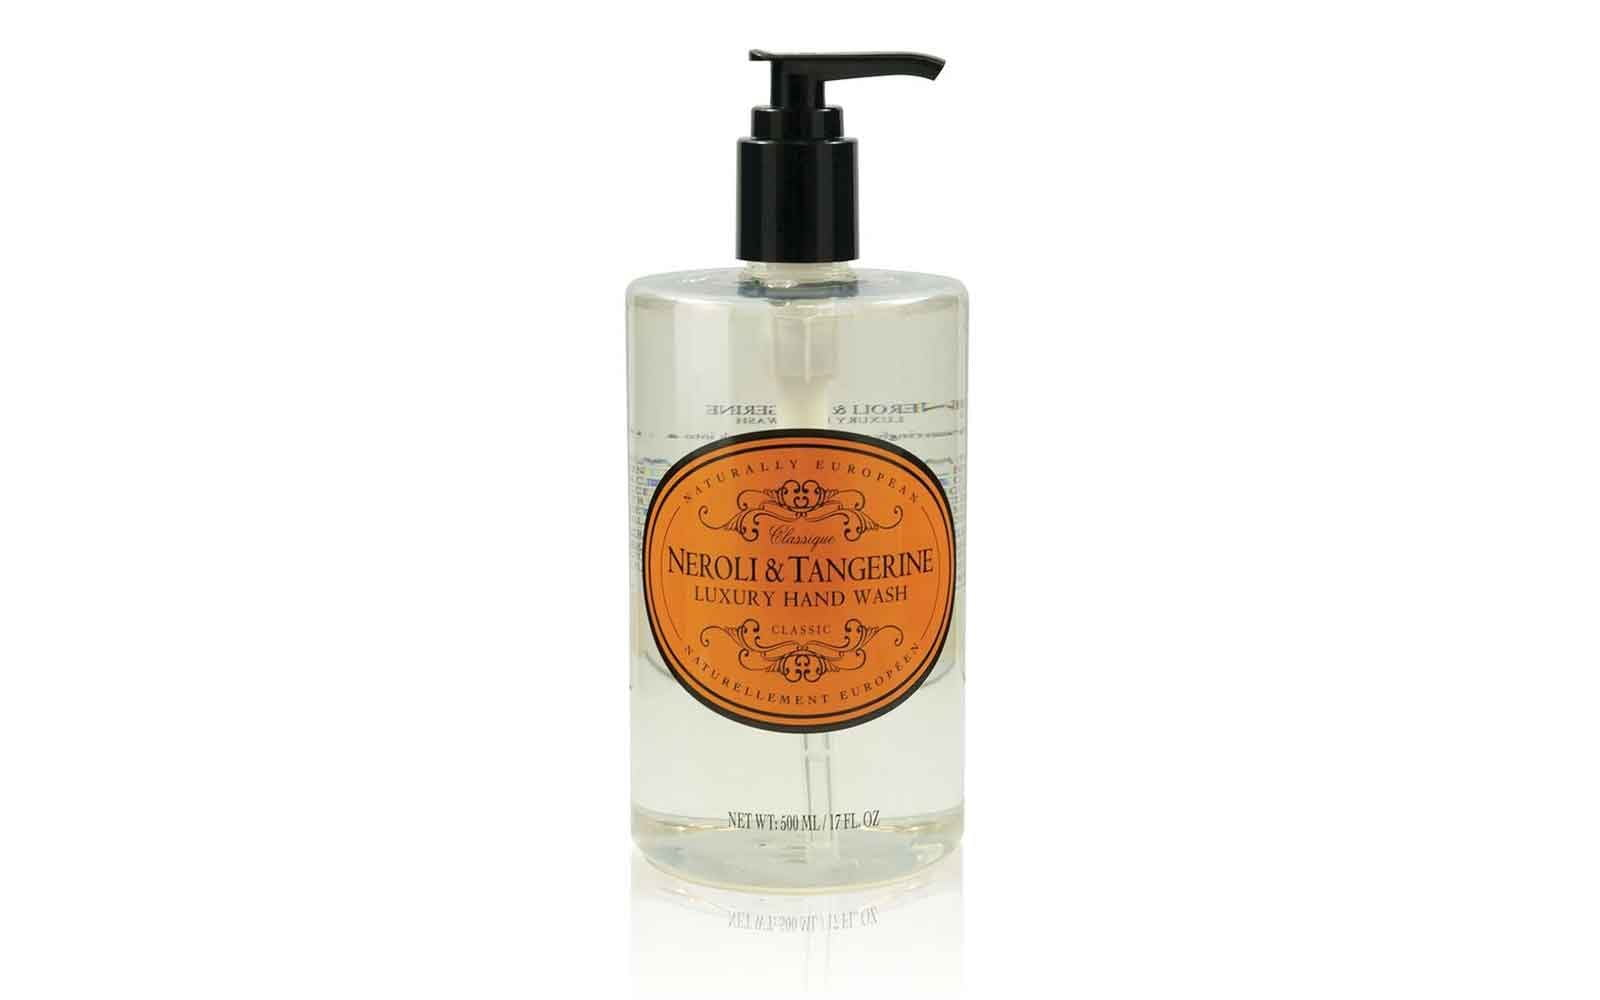 Naturally European Neroli & Tangerine Hand Wash